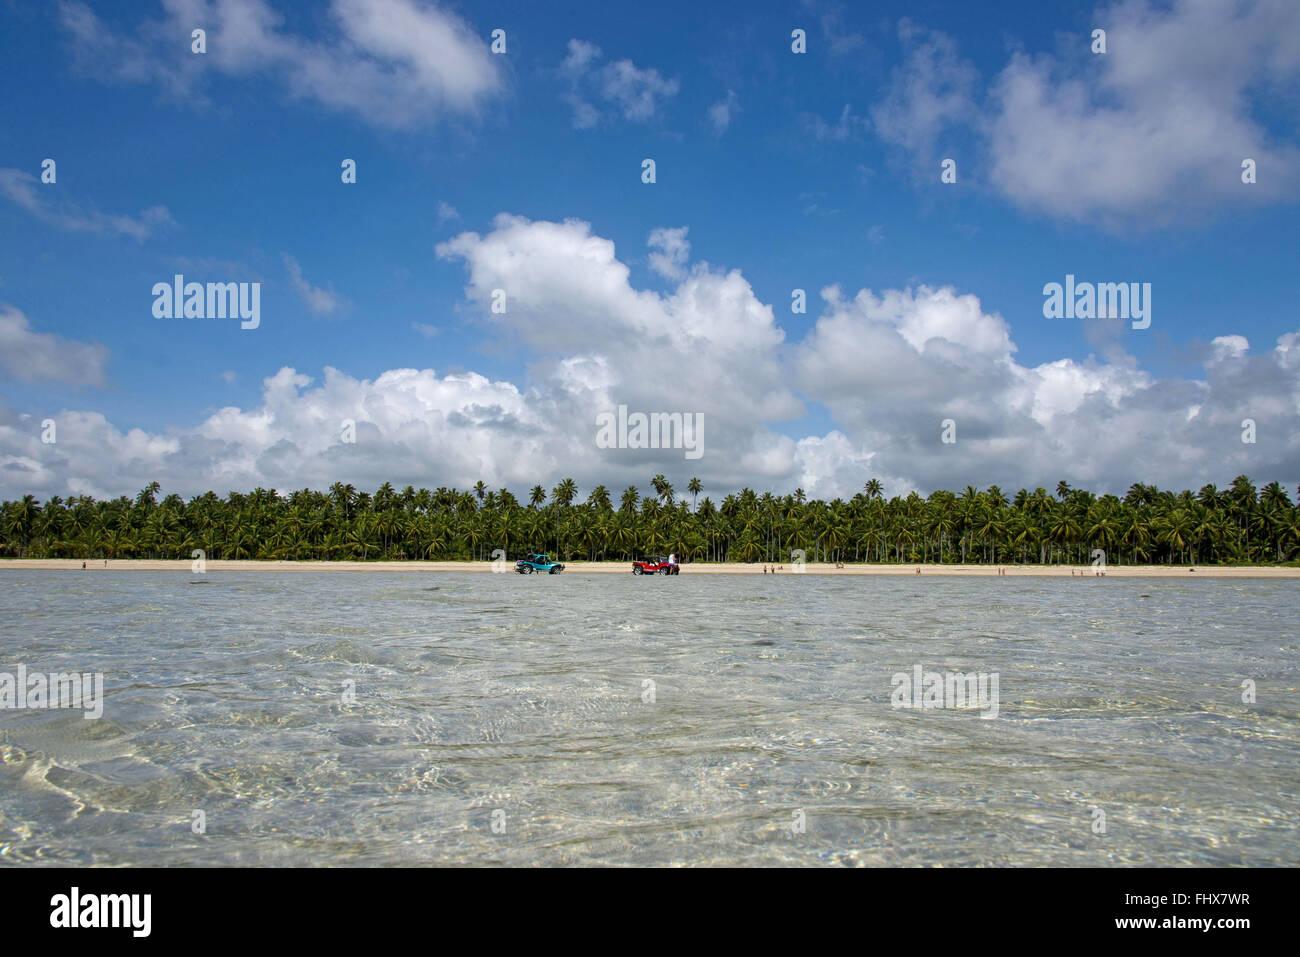 Buggies doing tourist beach getaway xareu - Stock Image